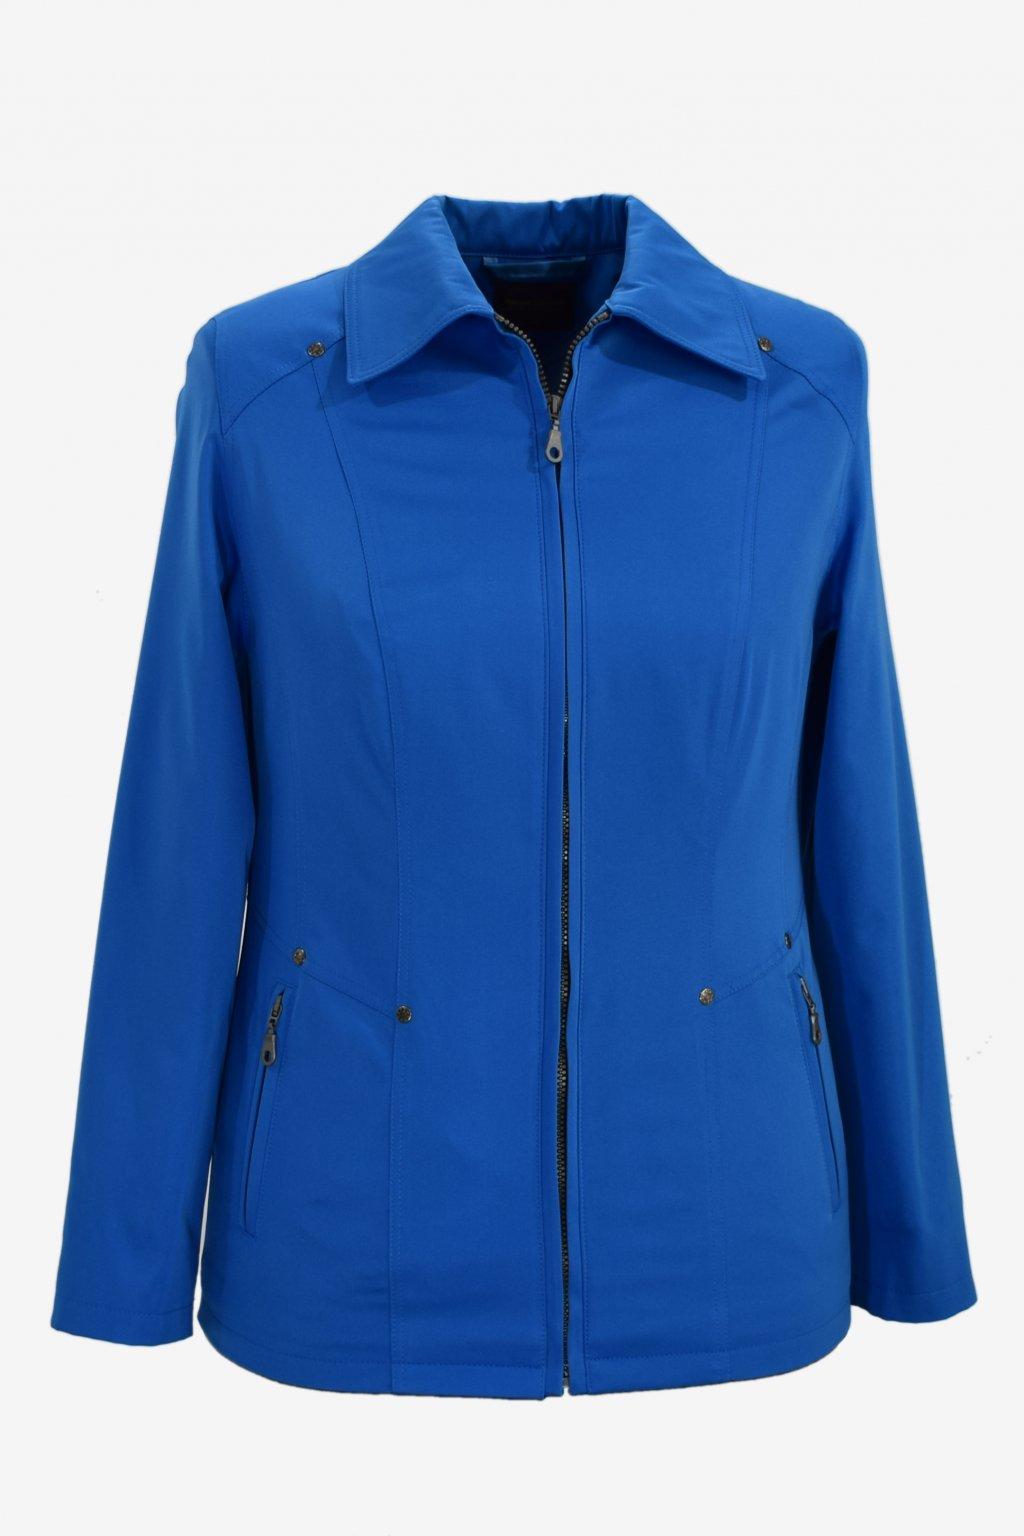 Dámská modrá jarní bunda Hana nadměrné velikosti.